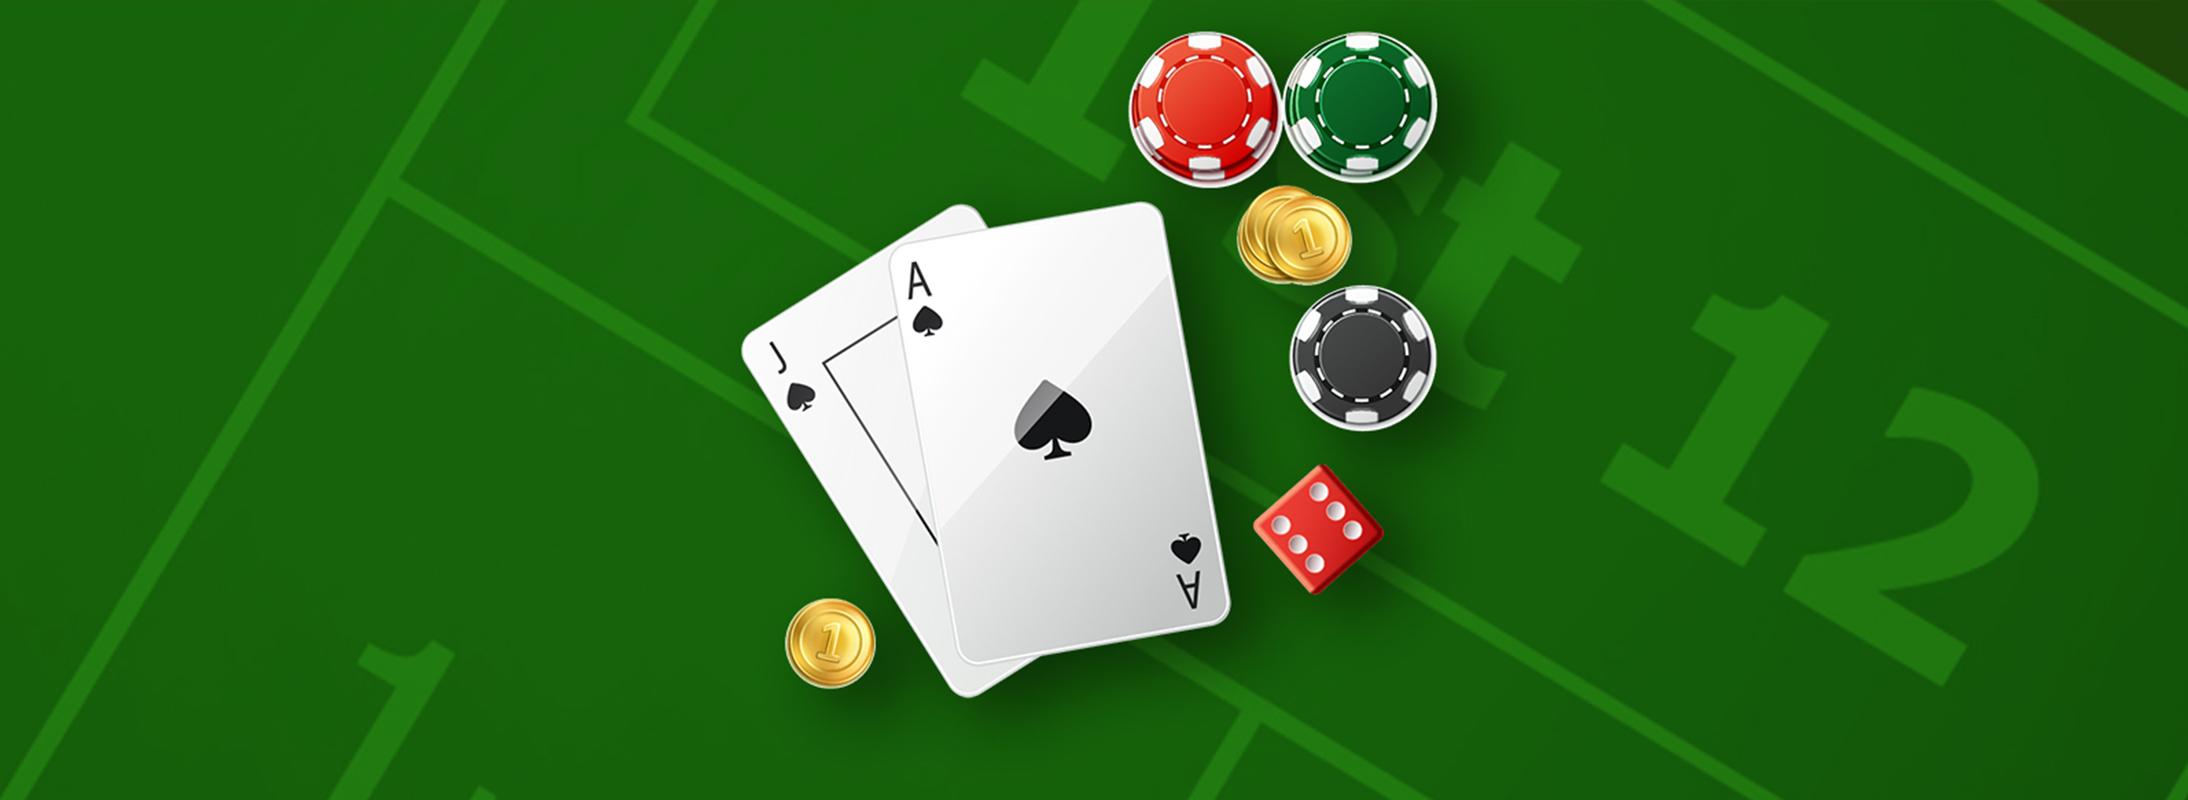 Online casinoer element02- CasinoTop